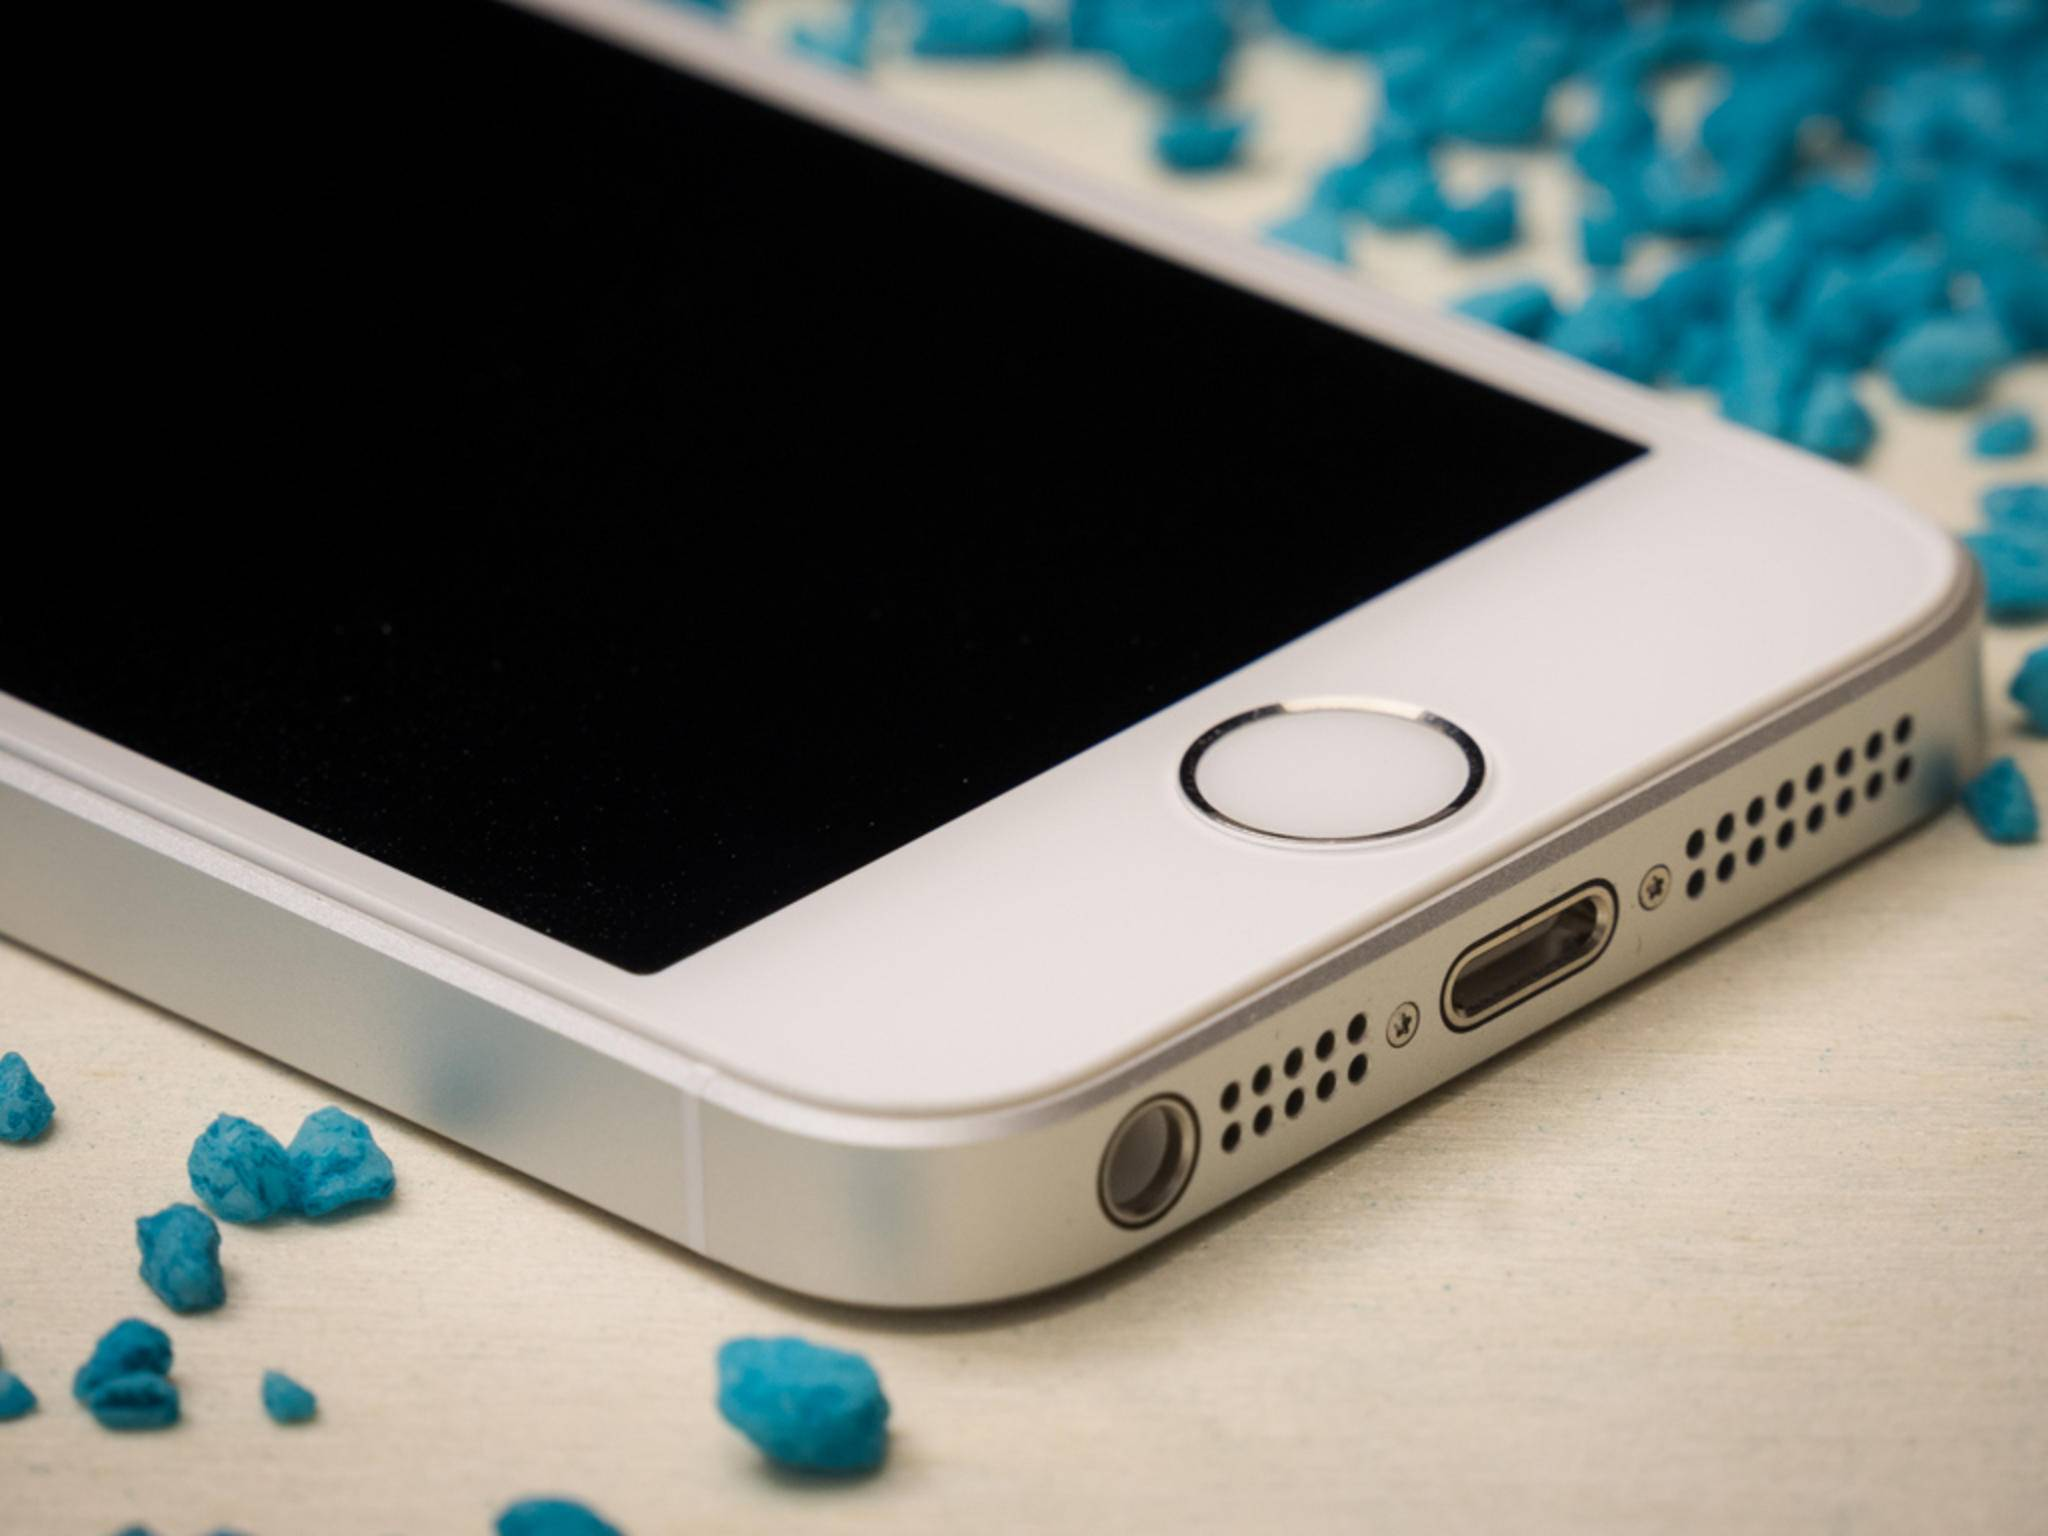 Das iPhone 7 soll ohne physischen Home-Button erscheinen.